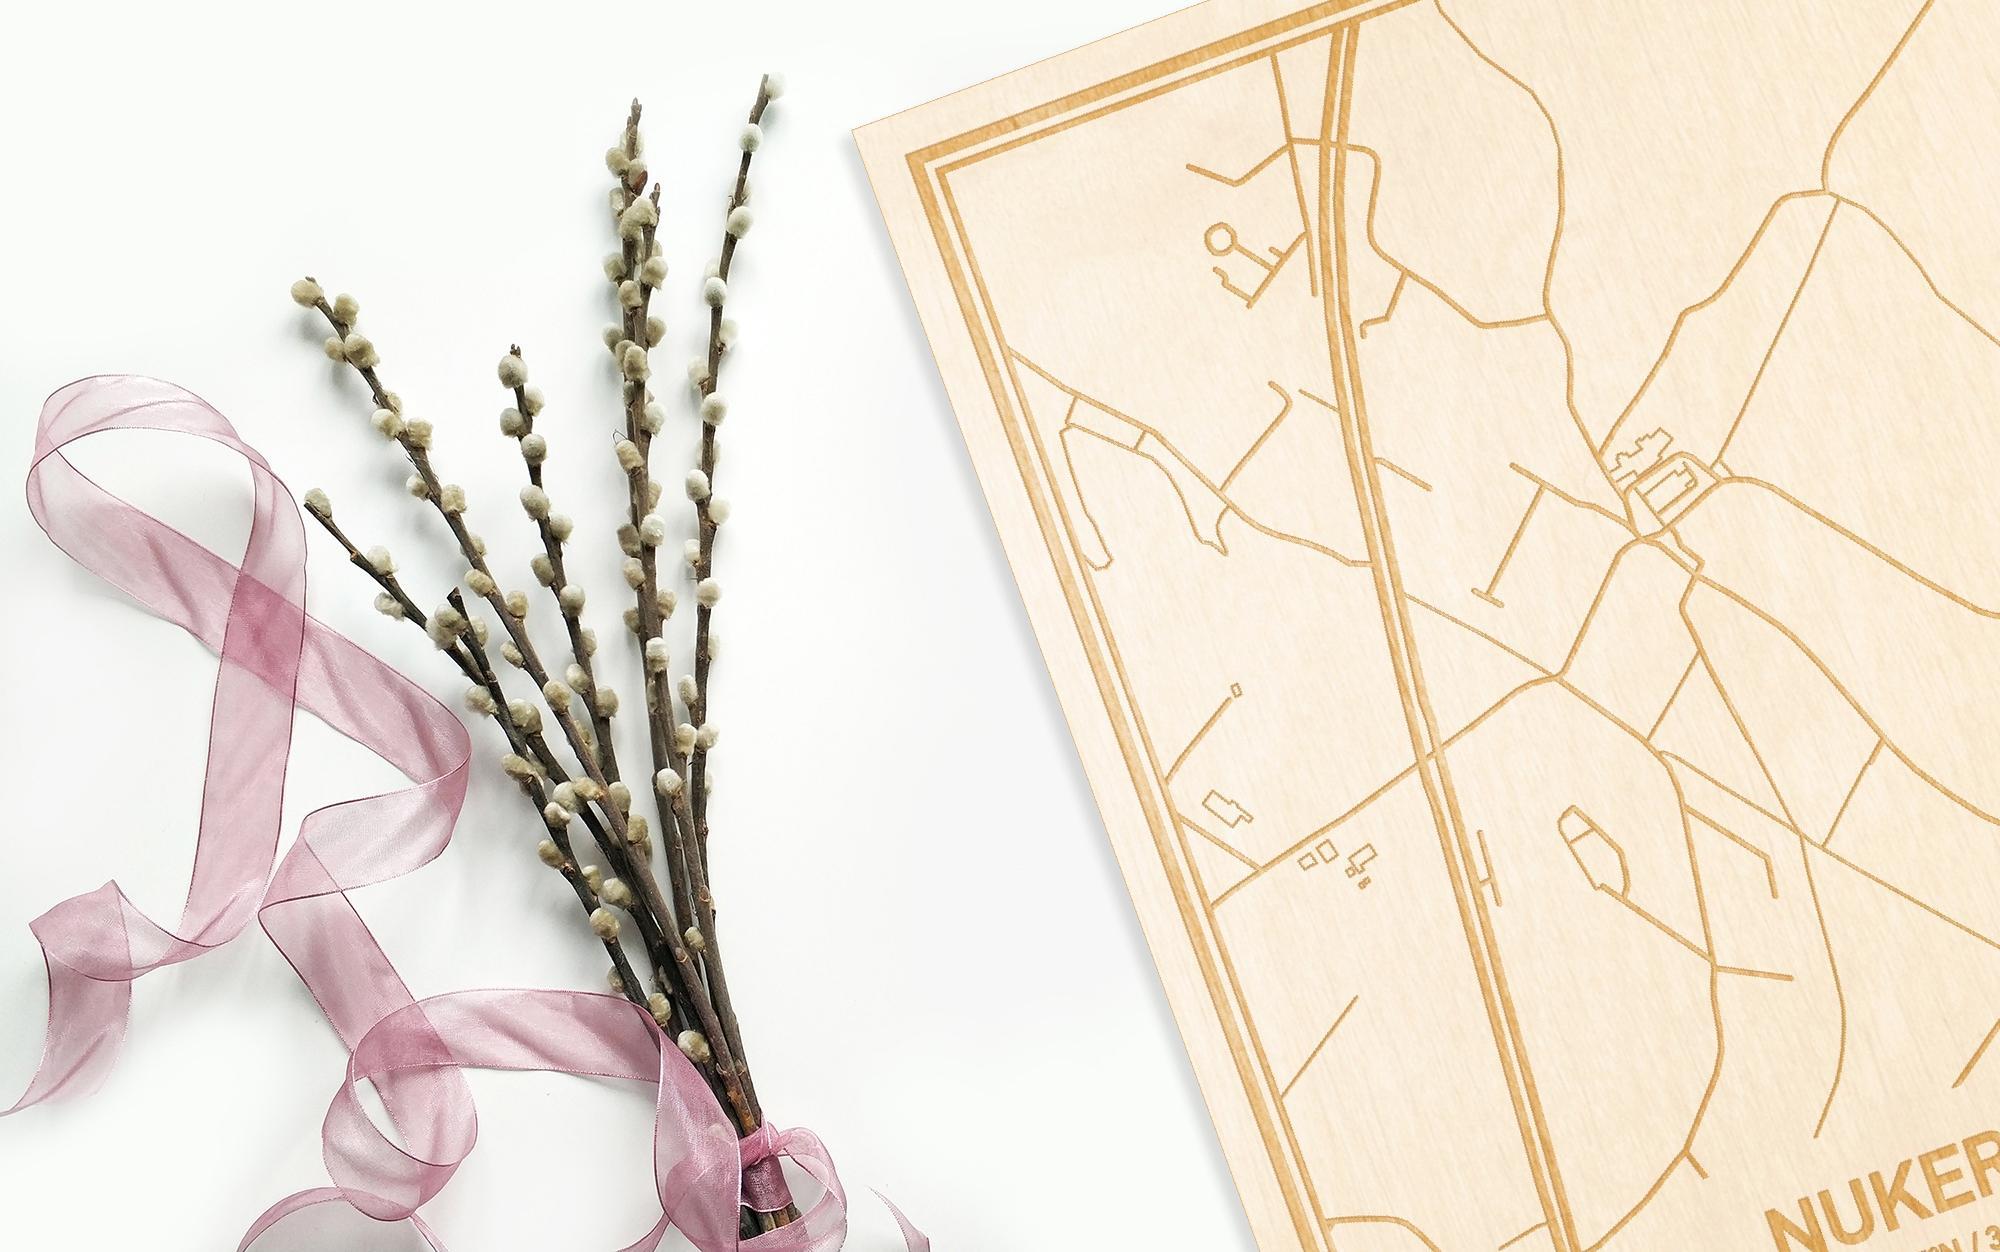 Hier ligt de houten plattegrond Nukerke naast een bloemetje als gepersonaliseerd cadeau voor haar.